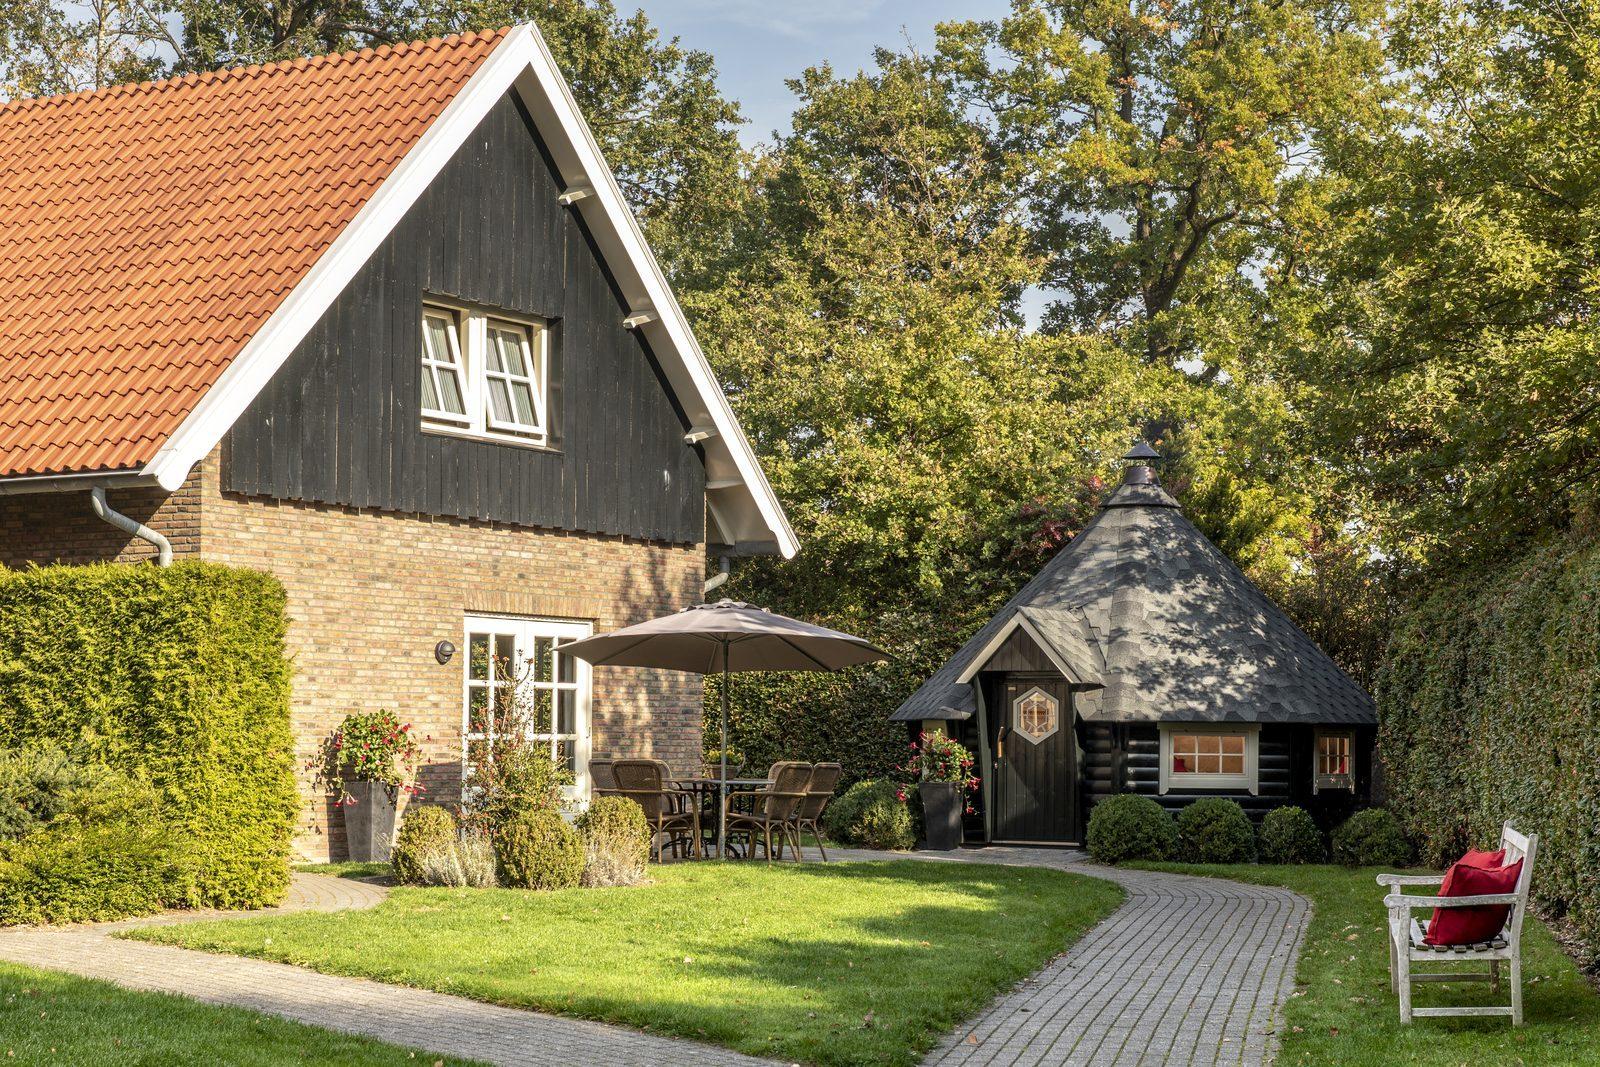 vakantiehuis Oldenzaal www.borghuis.nl